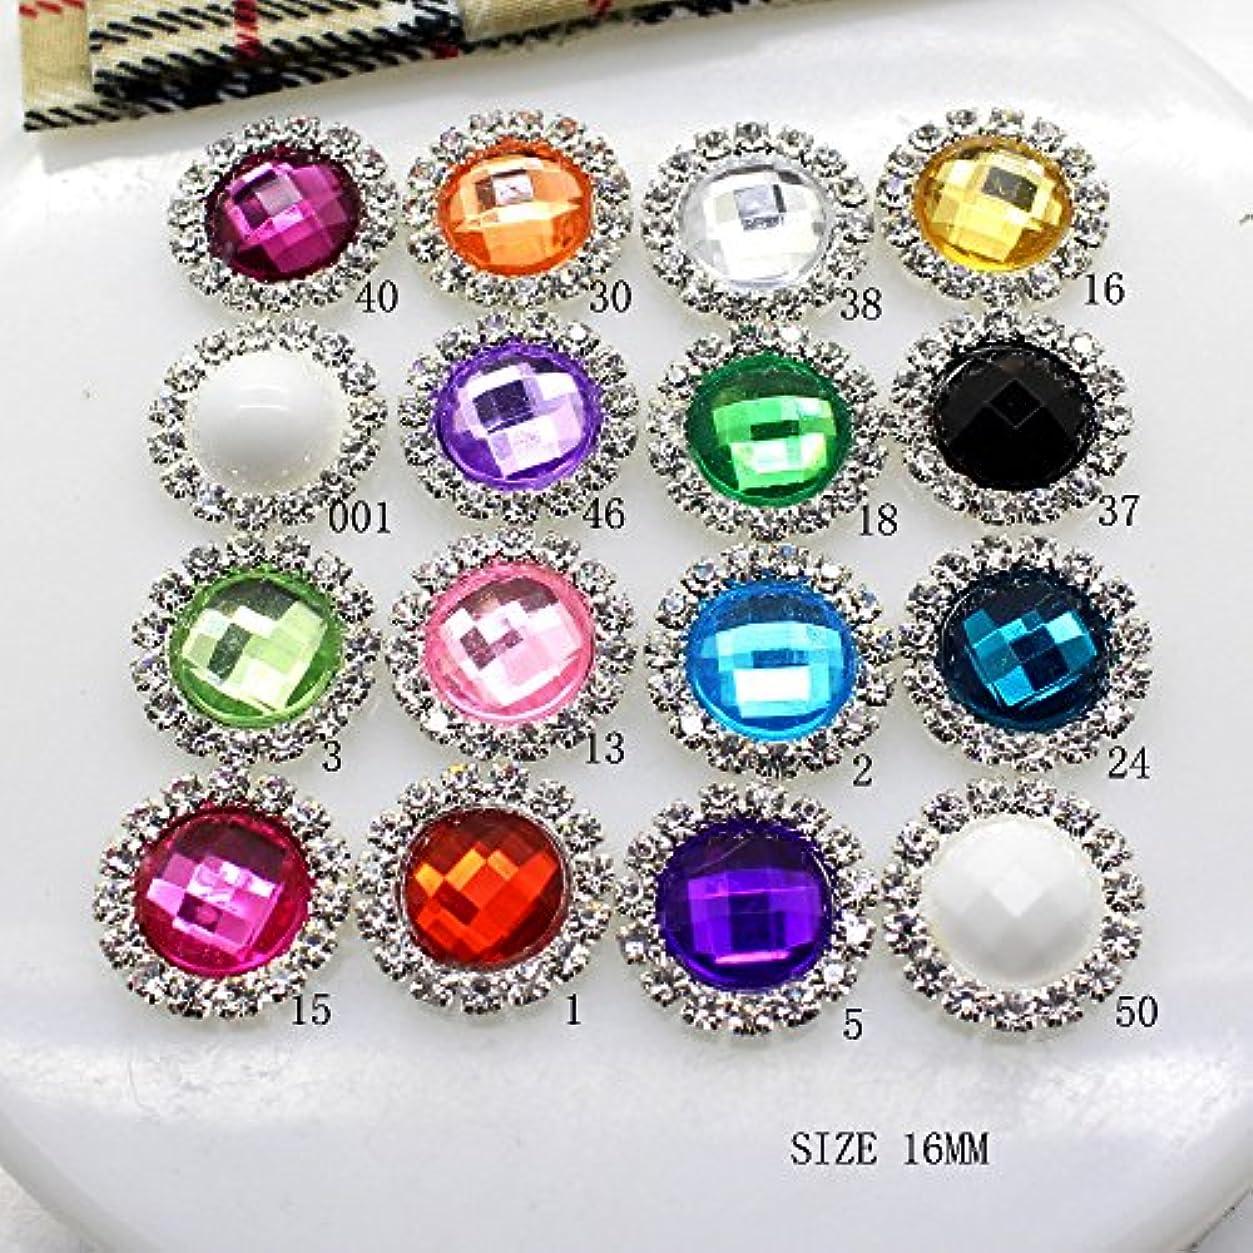 ルネッサンス毎月ツールPropenary - 10個入り/ LOTアクリル16MMラインストーンのボタンDIYダイヤモンドのボタンの招待ゲイルヘアちょう結びフラワーアクセサリー